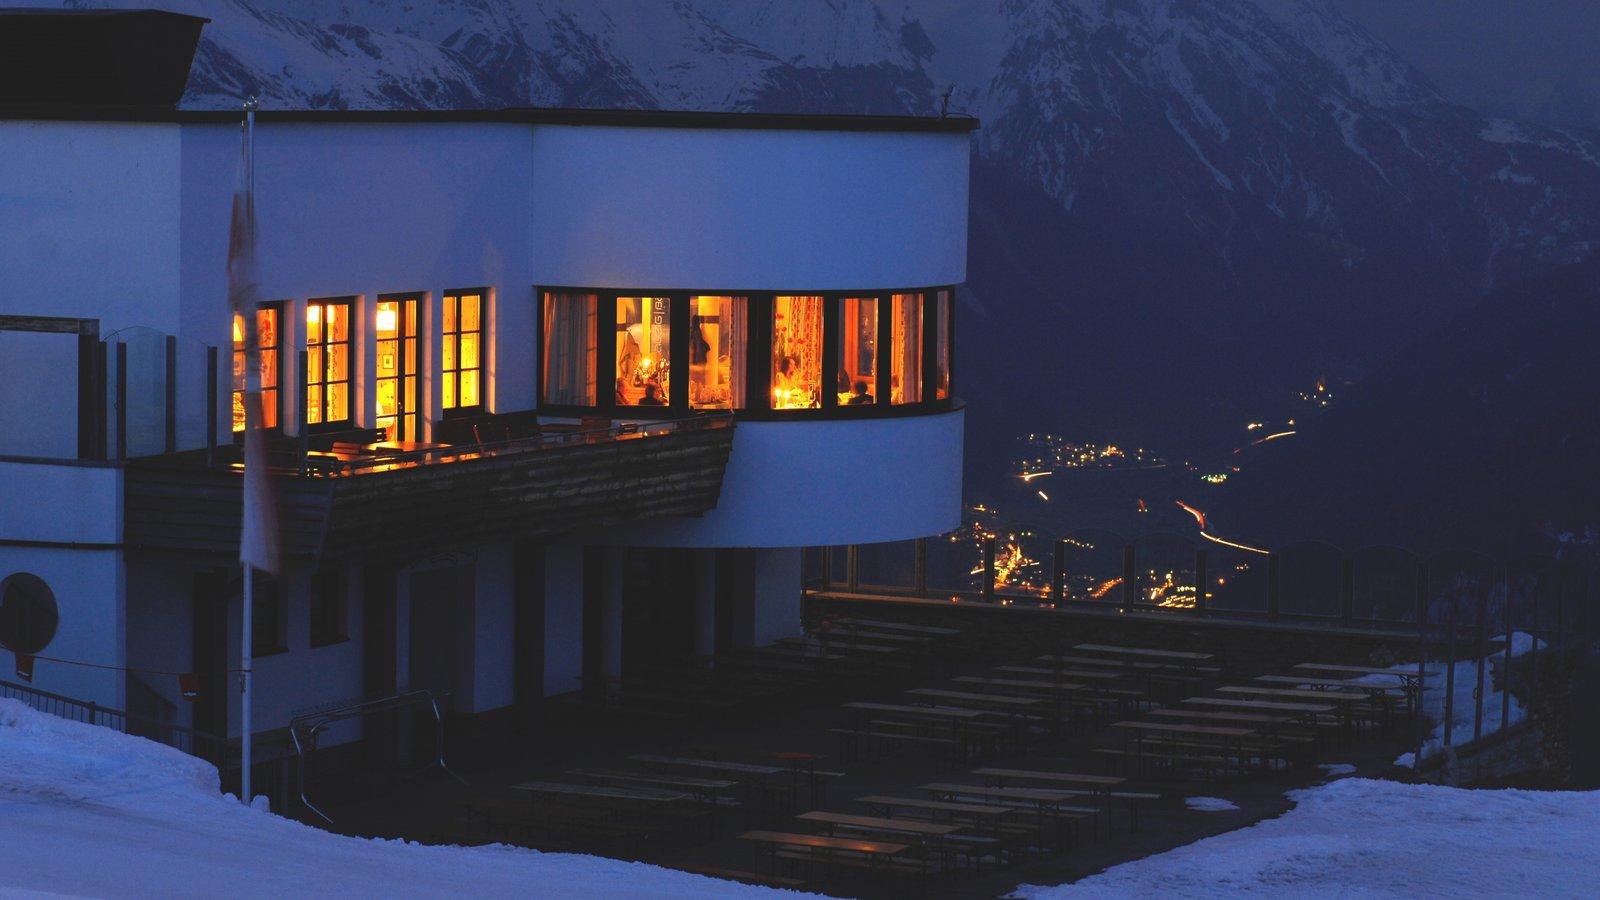 Sankt Anton am Arlberg ofreciendo escenas nocturnas, nieve y arquitectura moderna